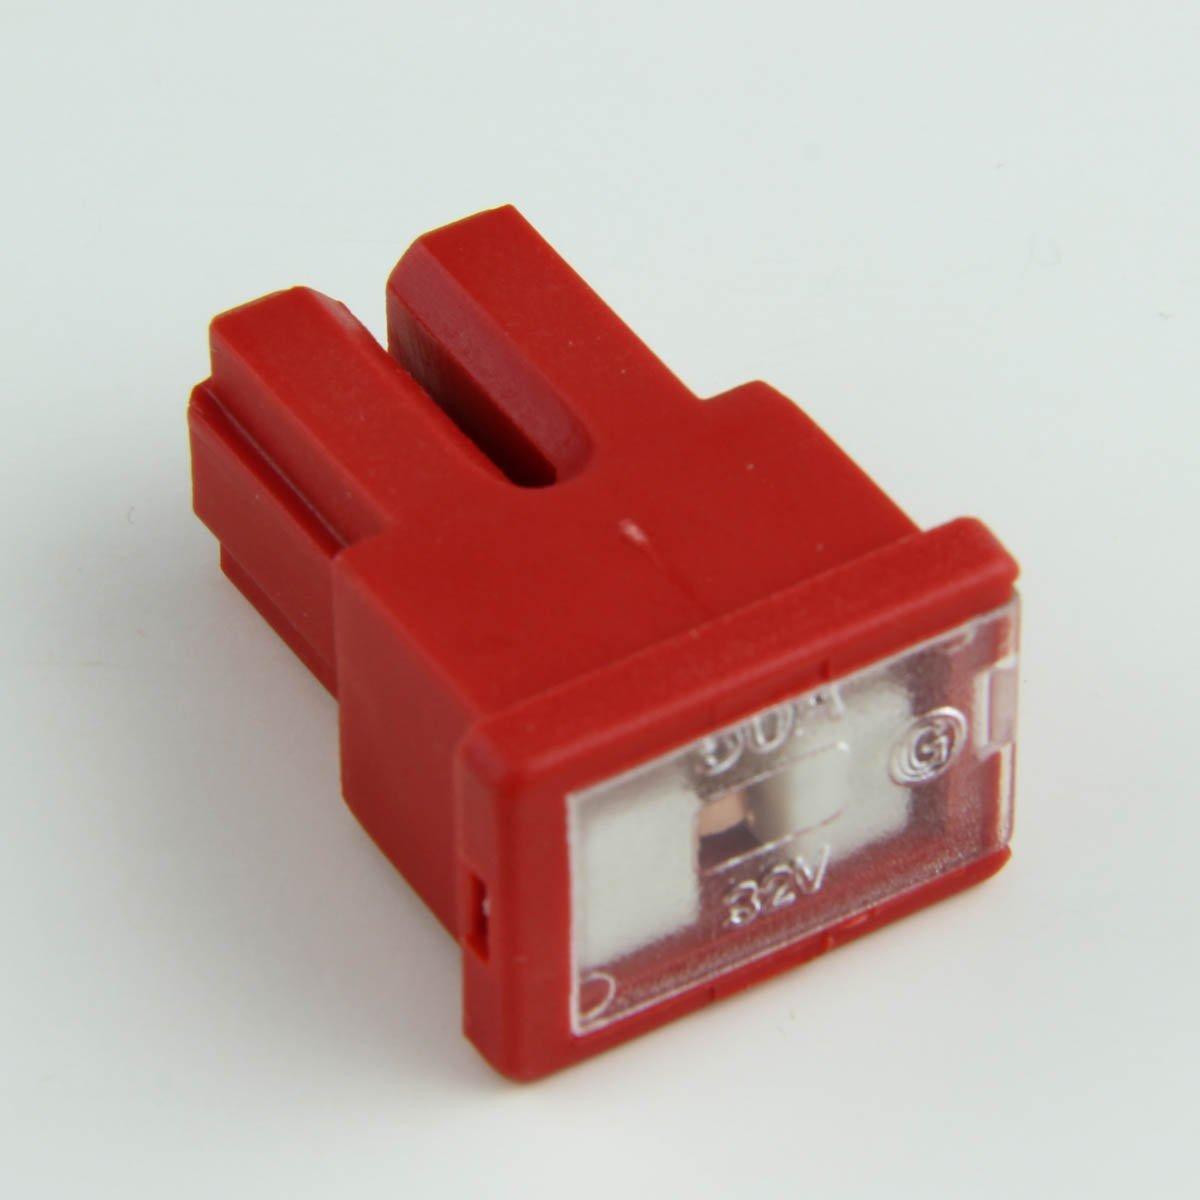 amp 50 fuses flf per pack